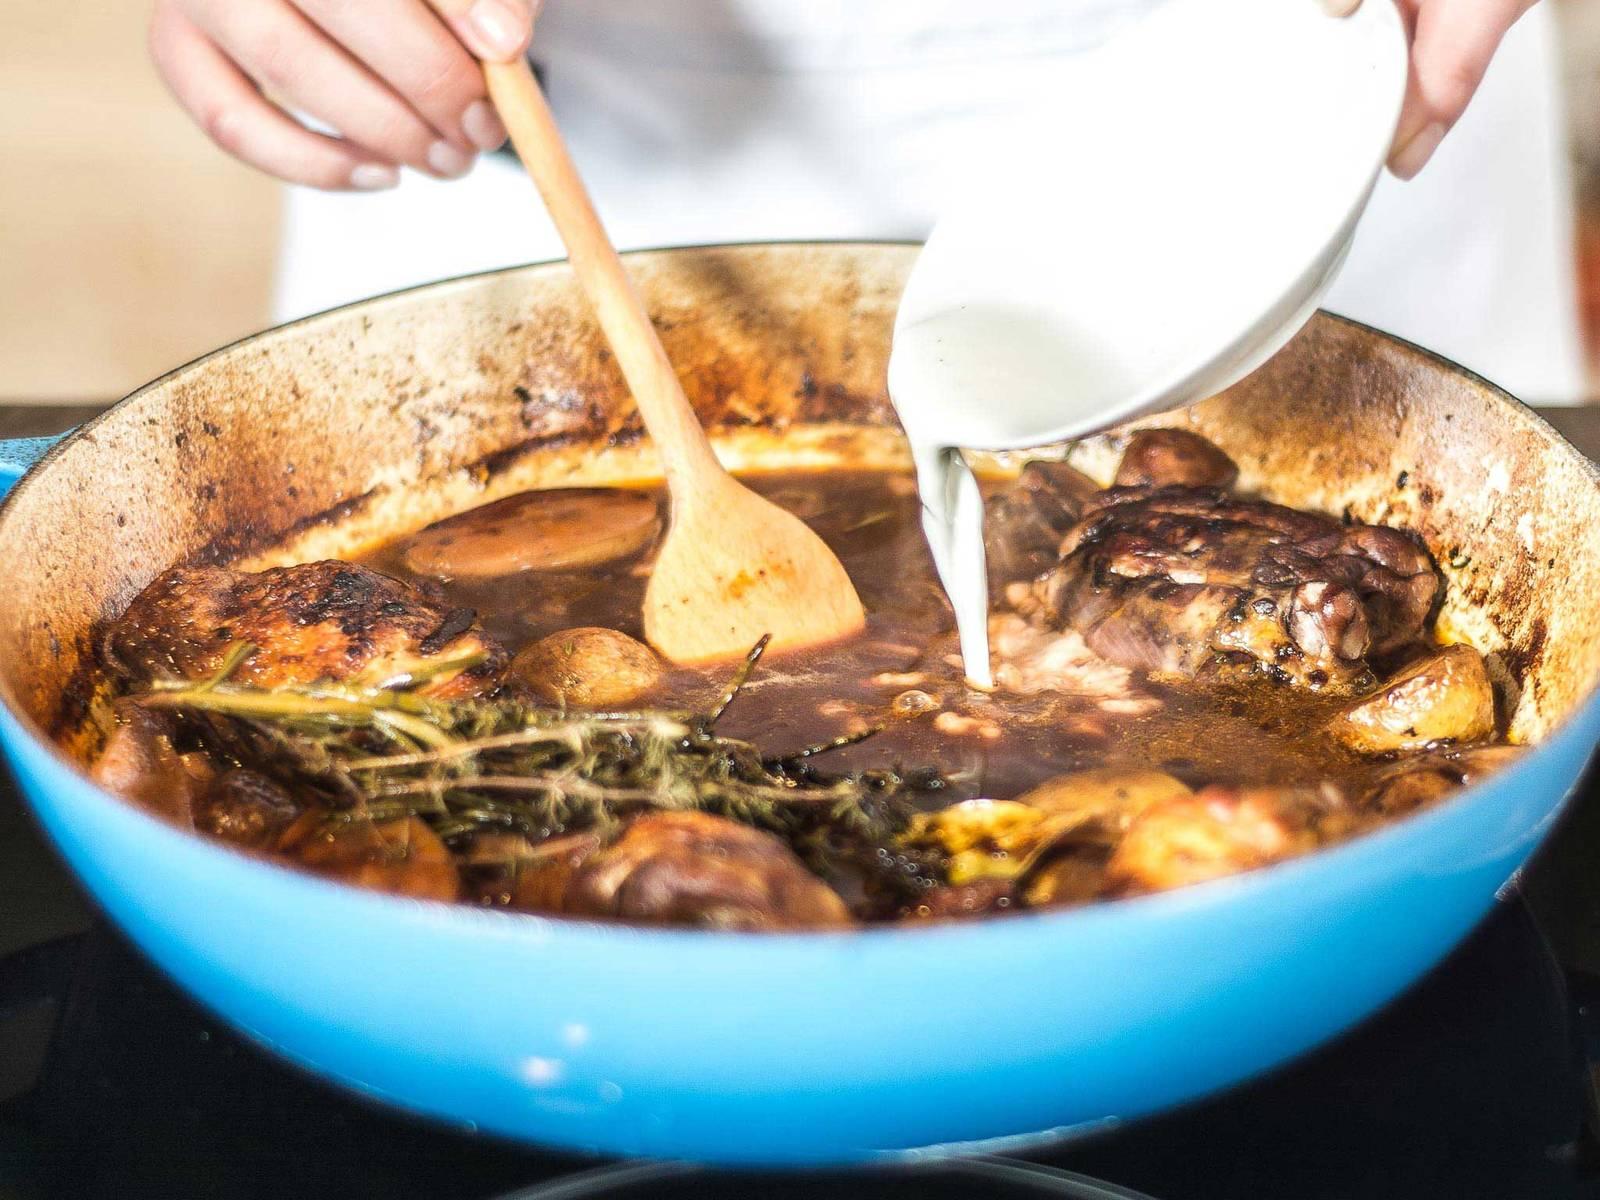 Abschließend die Soße mit Stärke nach Belieben abbinden und bei Bedarf mit Salz und Pfeffer nochmals abschmecken. In einem tiefen Teller oder einer Auflaufform servieren.